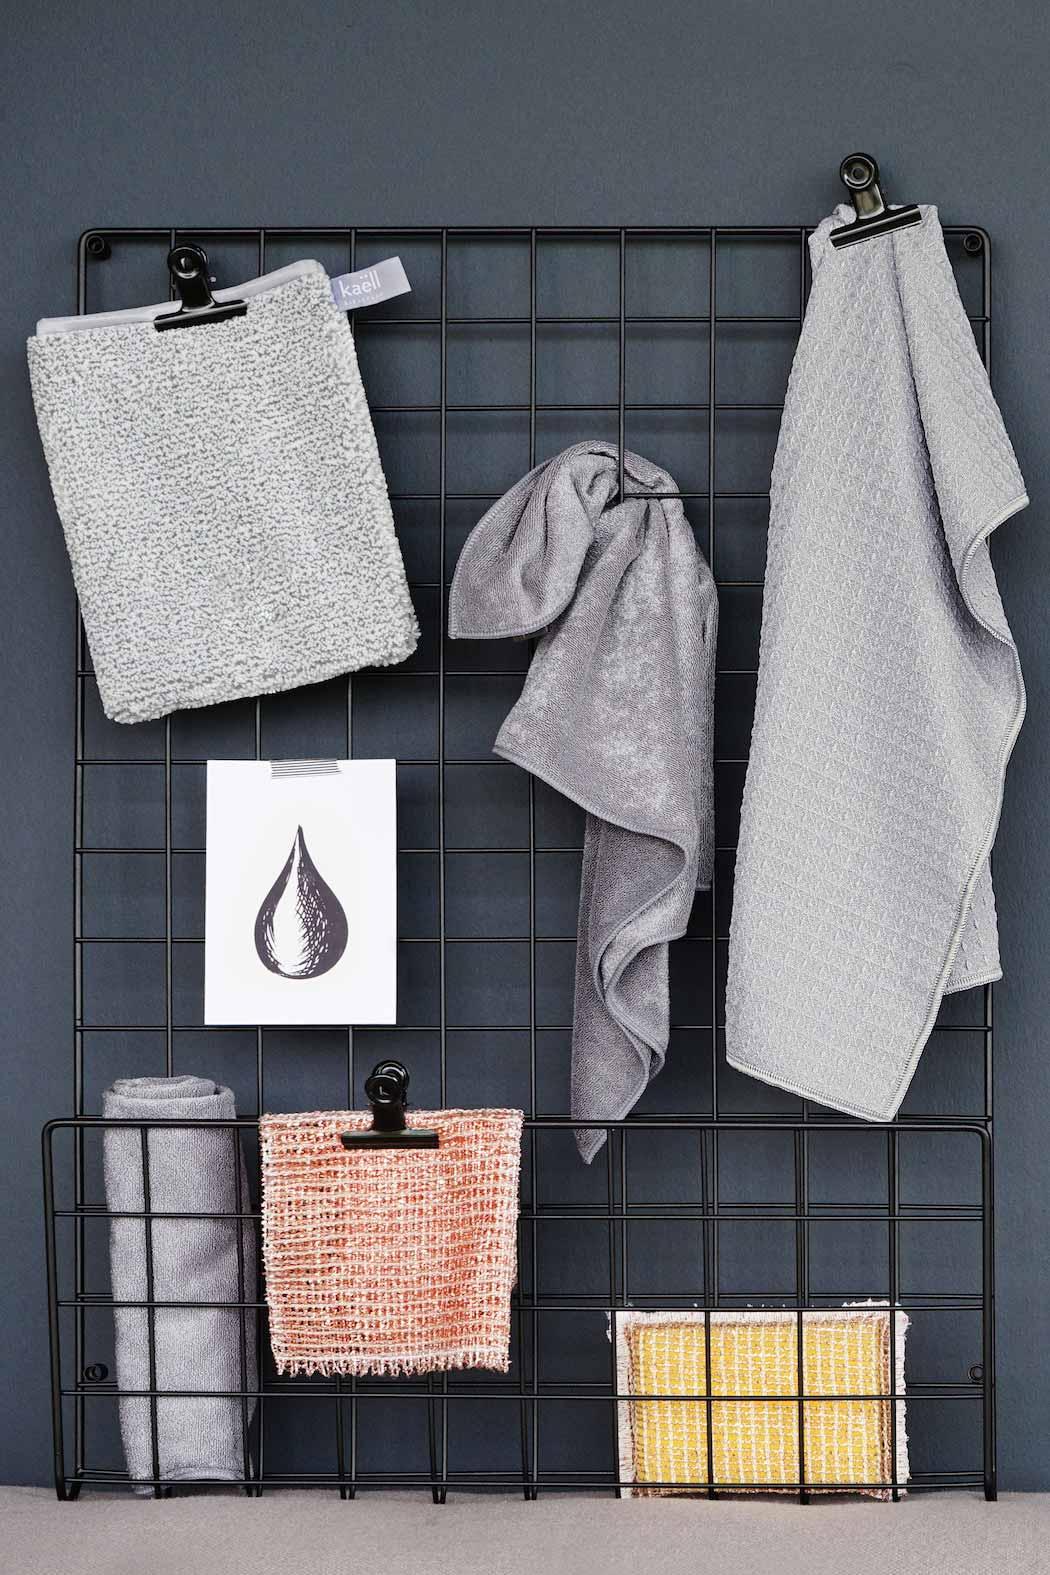 Achtung ein Putztipp: Umweltschonend und gut duftend dein Zuhause auf Hochglanz polieren